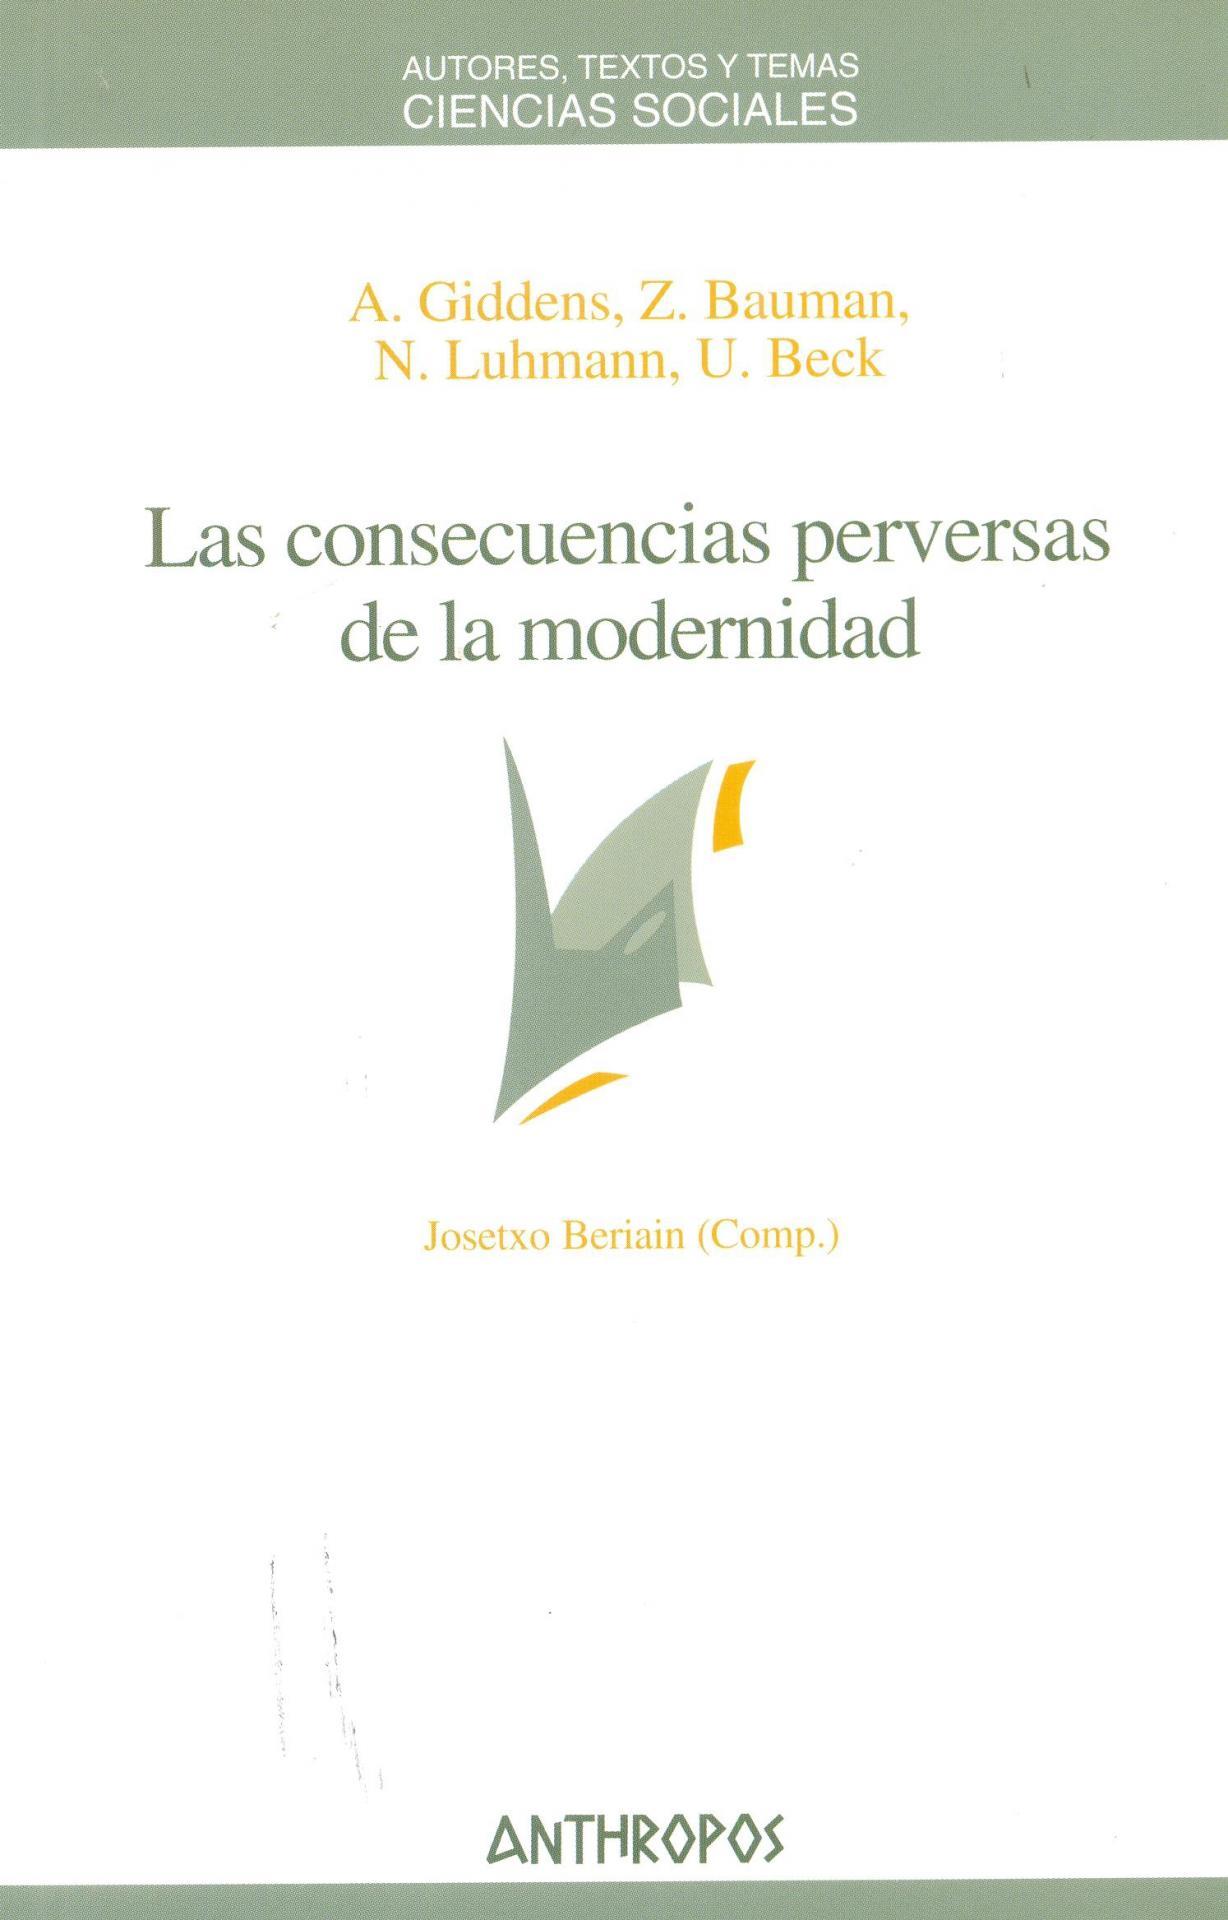 LAS CONSECUENCIAS PERVERSAS DE LA MODERNIDAD.  Giddens, A; Bauman, Z; Luhmann, N; Beck, U.